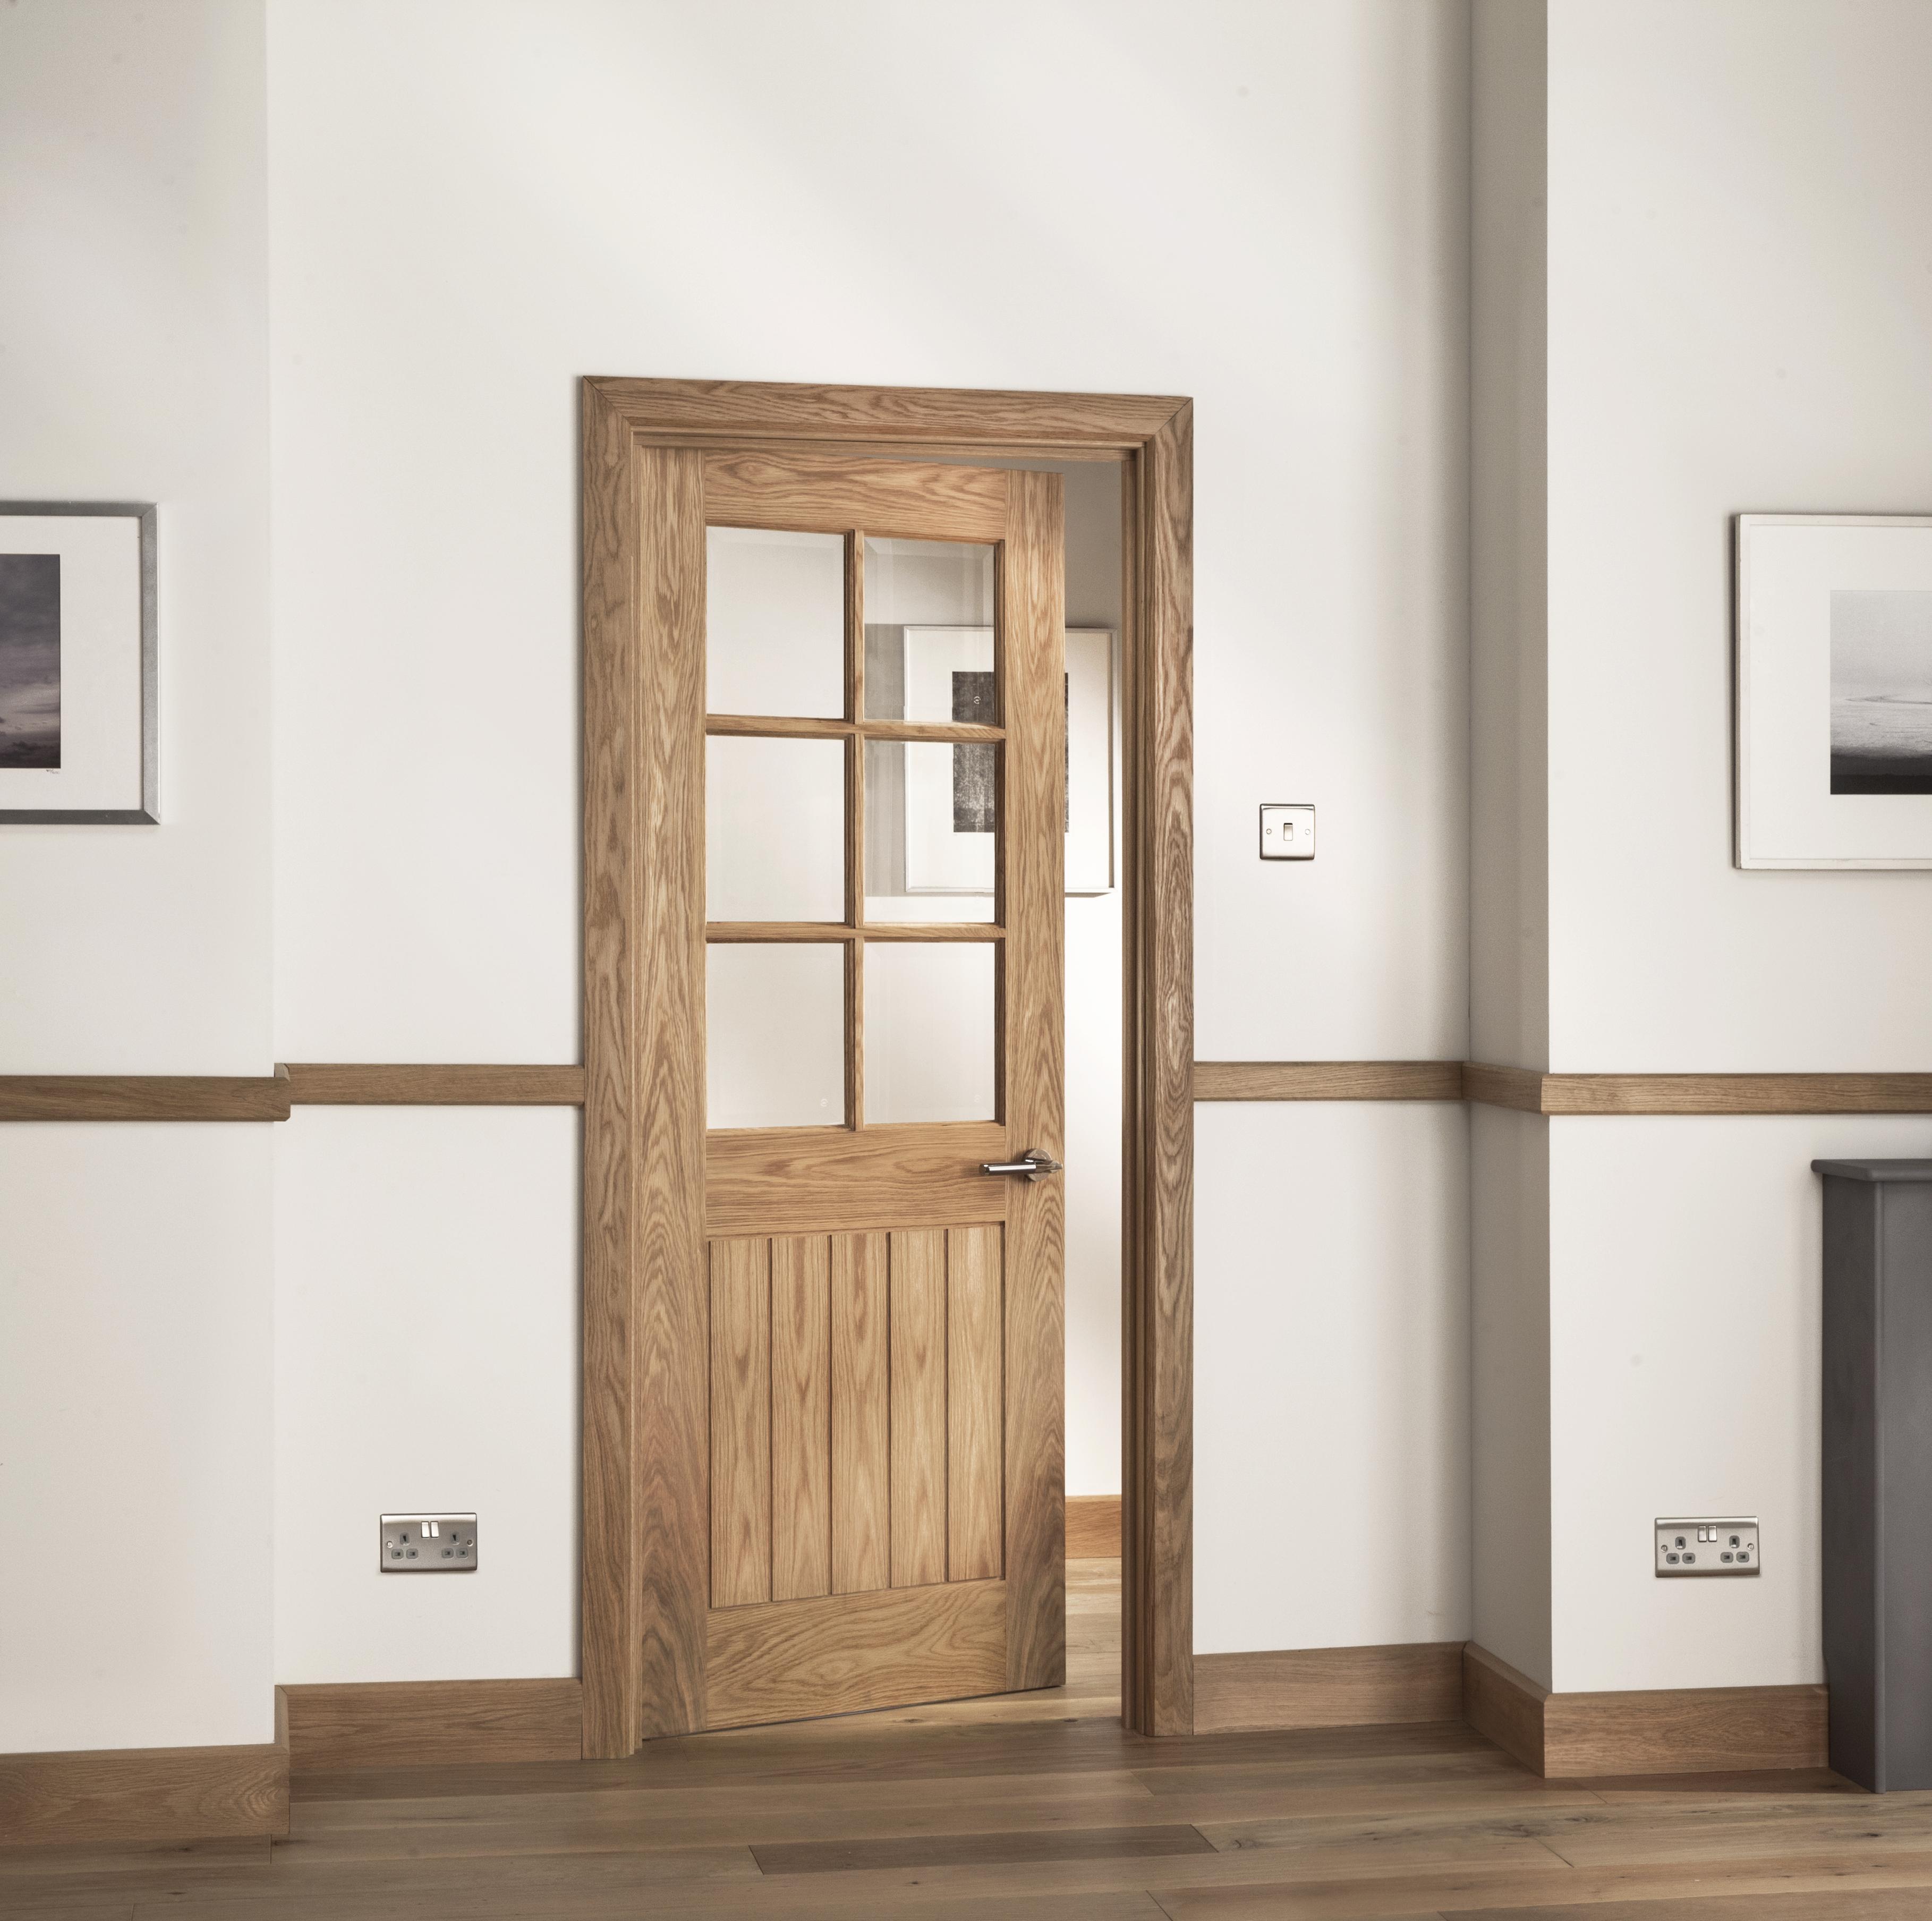 Abbotsfield Mexicano 6 Light Clear Bevel Glazed Oak Internal Door